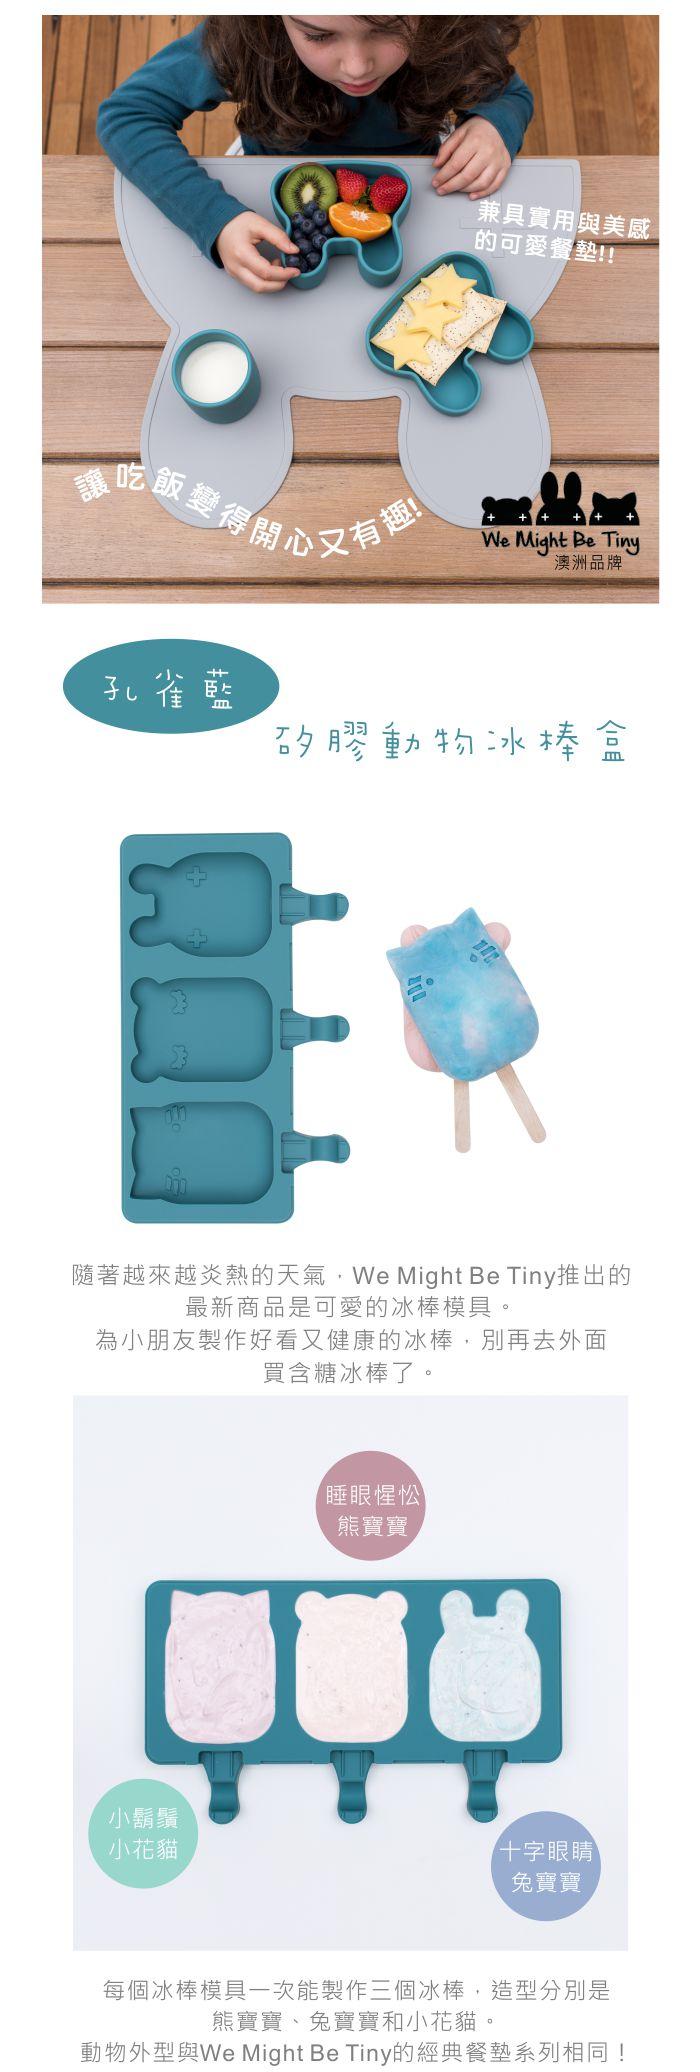 澳洲We Might Be Tiny|矽膠動物冰棒盒-孔雀藍